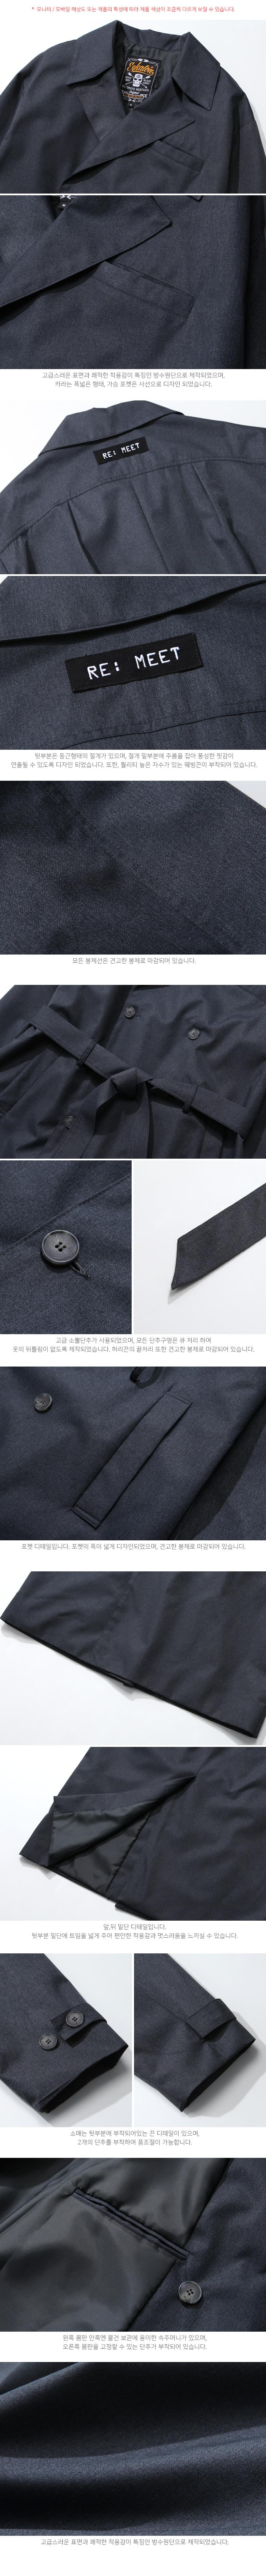 20190222_ez_herringbone_detail_charcoal_ym_02.jpg